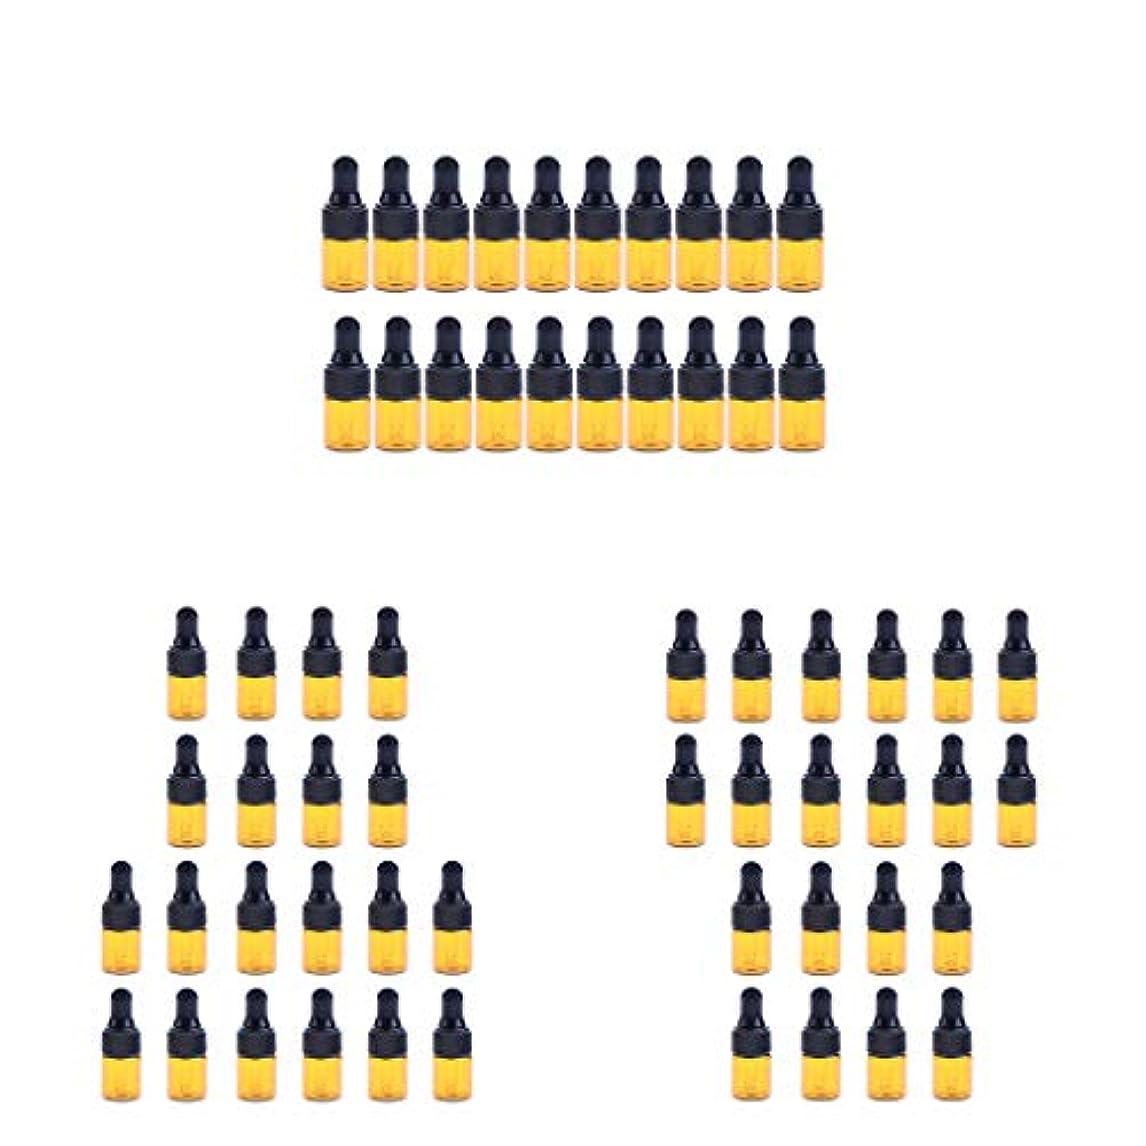 次へリンケージハンサムdailymall エッセンシャルオイル ボトル ガラス ドロッパーボトル 3 Ml 約60ピースセット